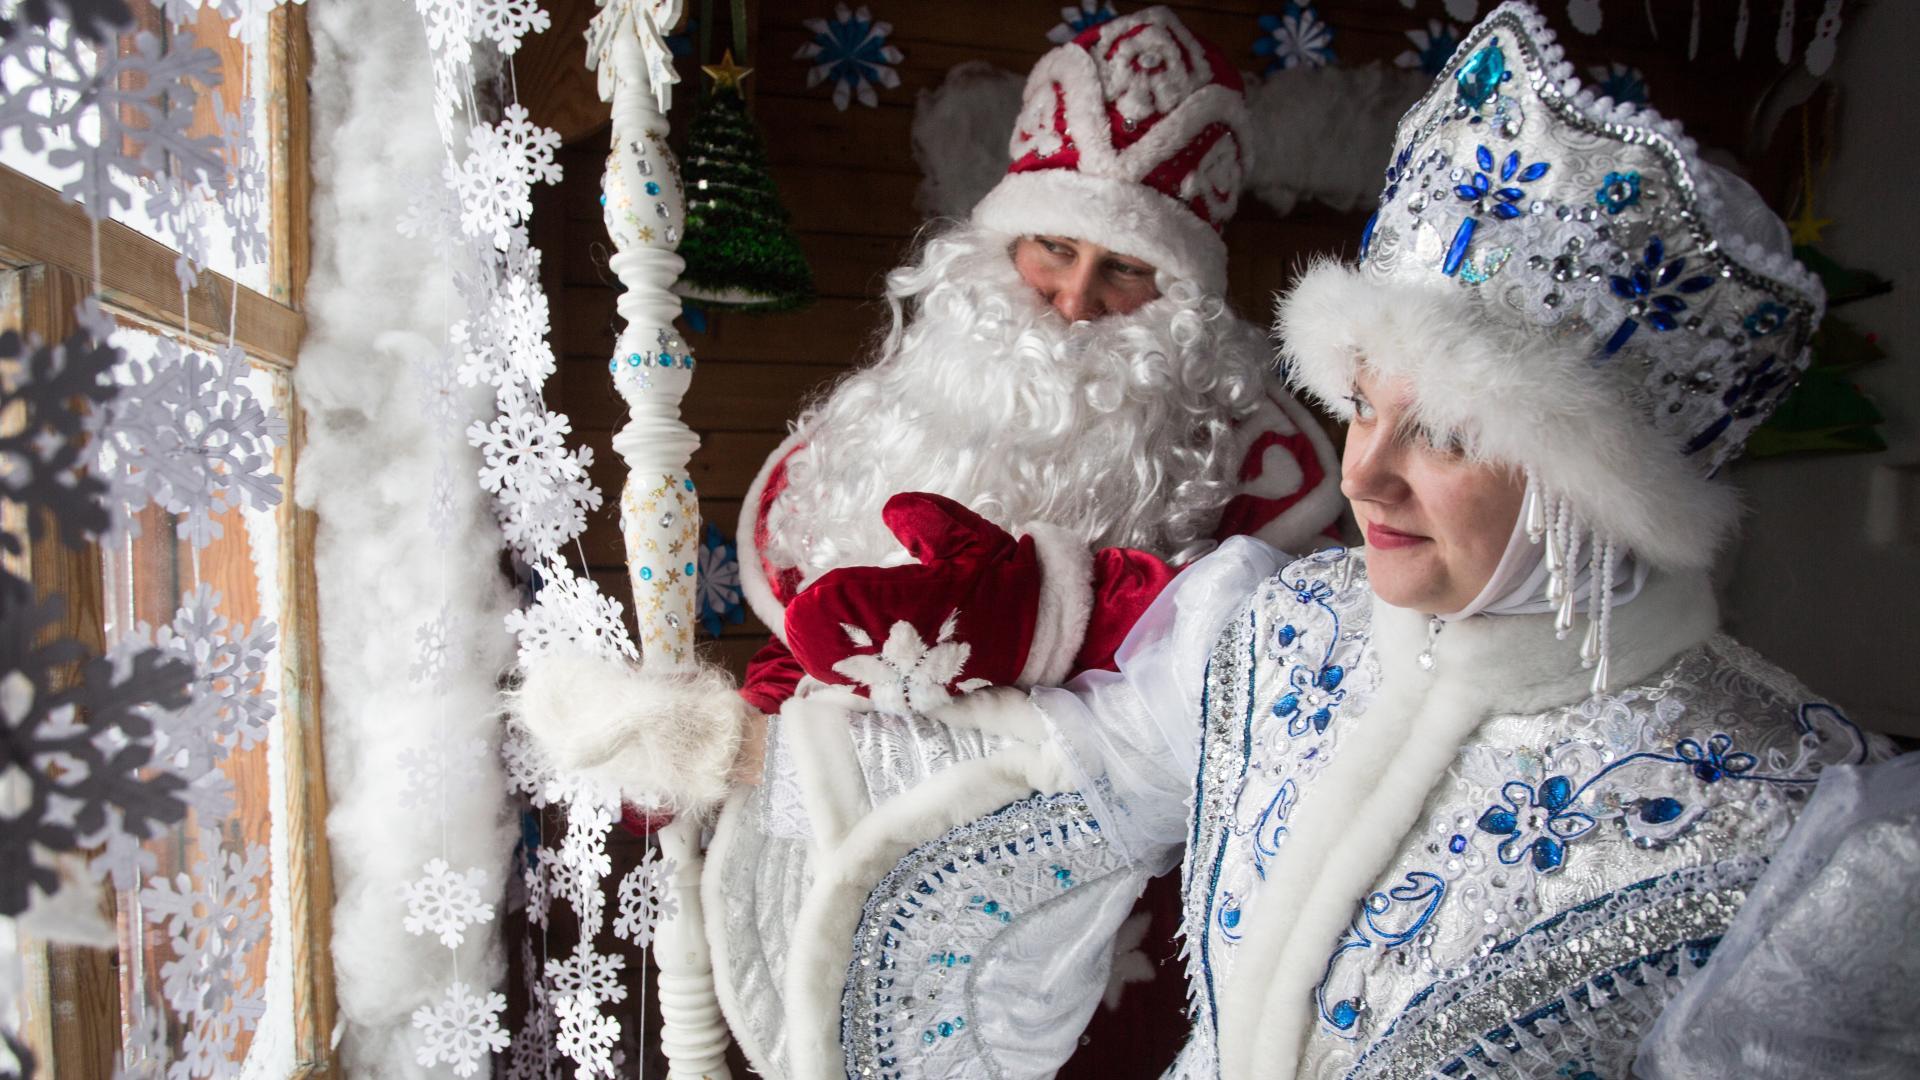 Названо идеальное место для встречи Нового года по мнению россиян